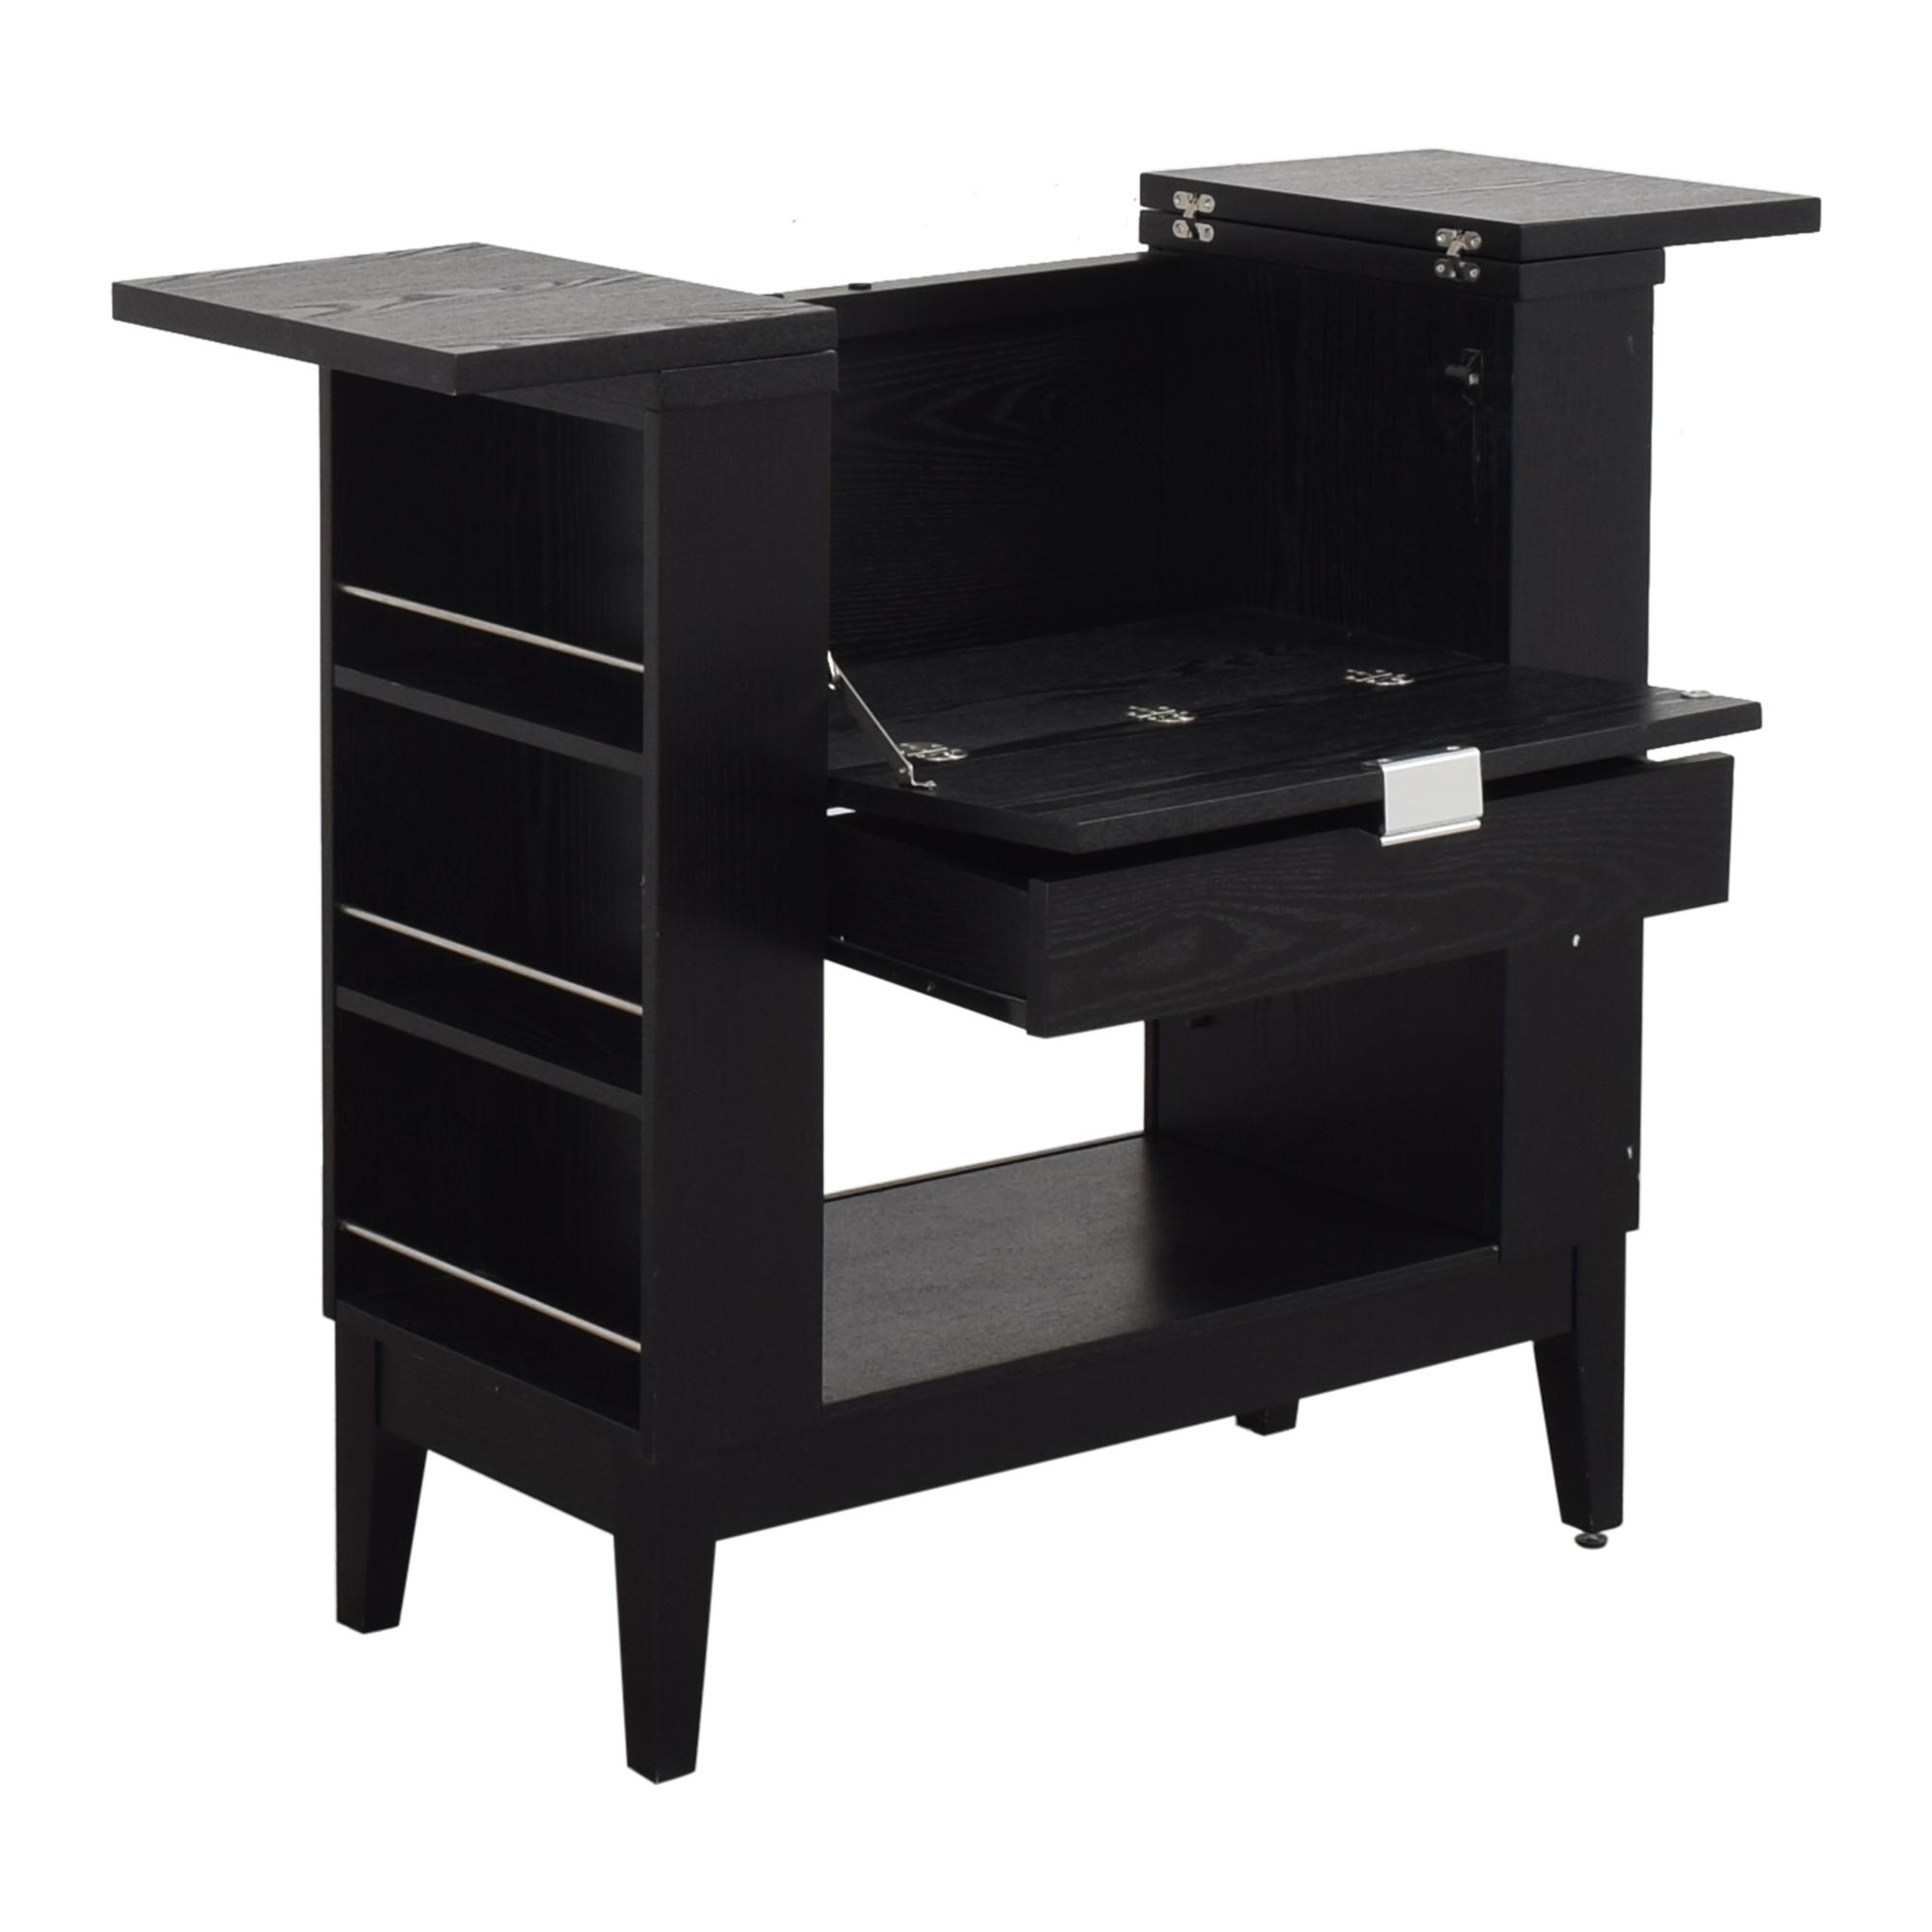 Crate & Barrel Crate & Barrel Parker Spirits Bar Cabinet Cabinets & Sideboards